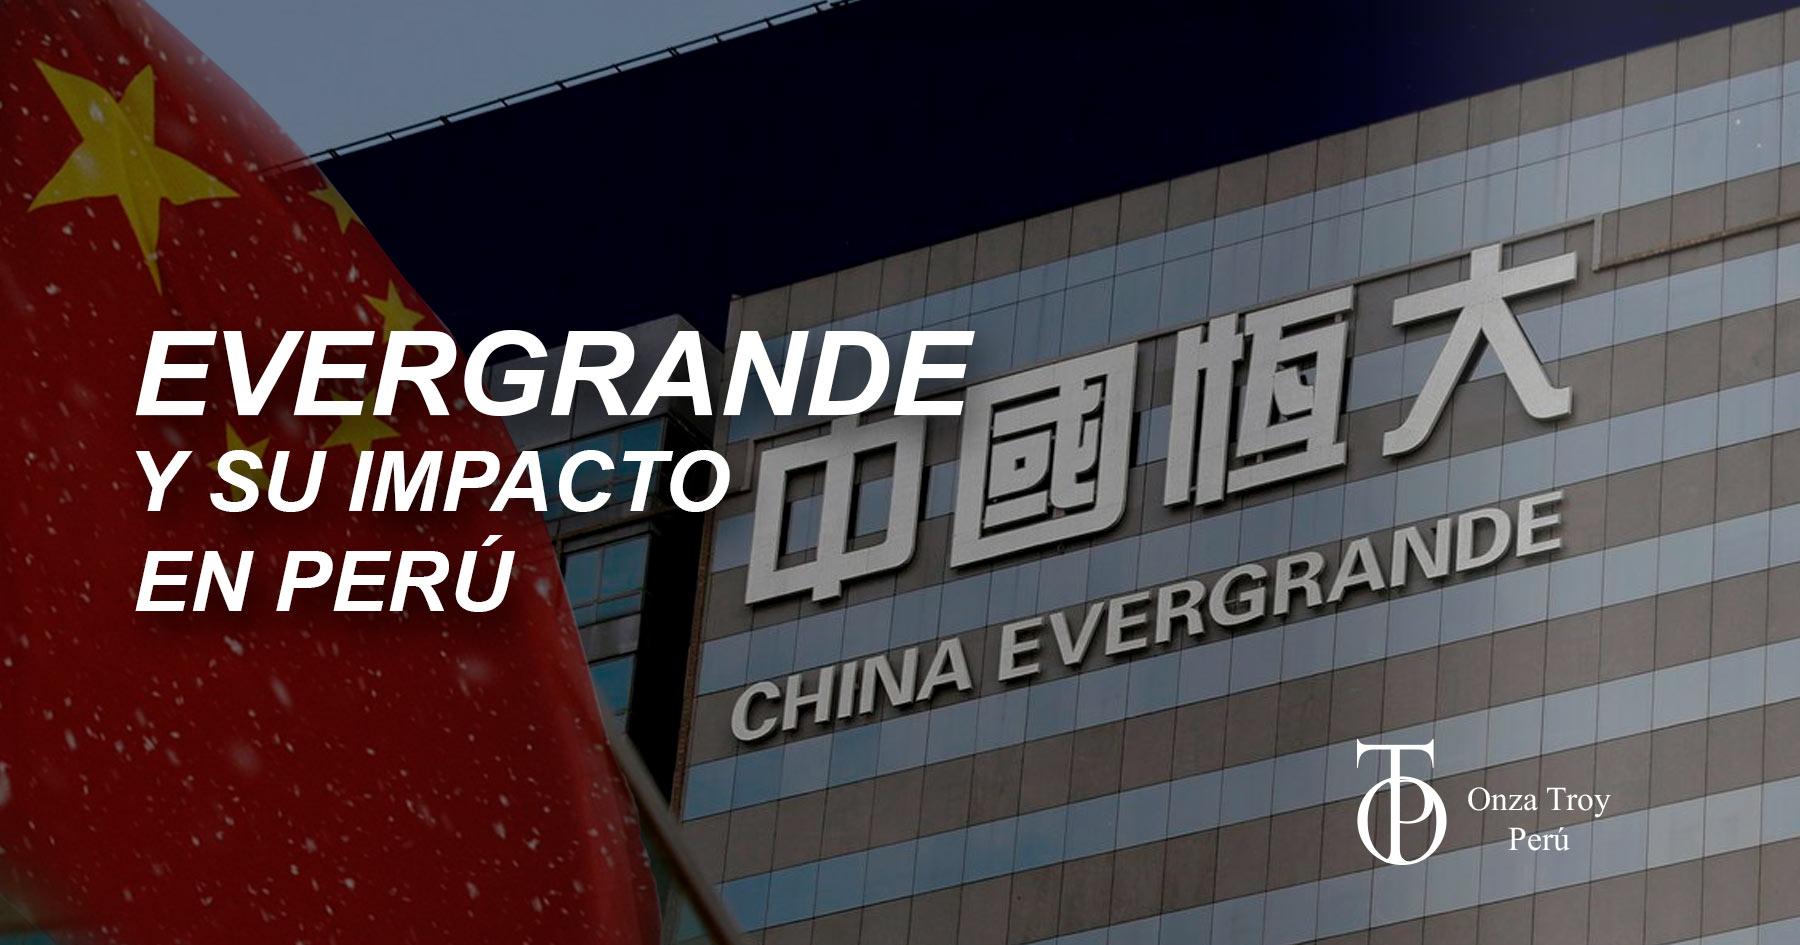 EVERGRANDE Y SU IMPACTO EN PERÚ